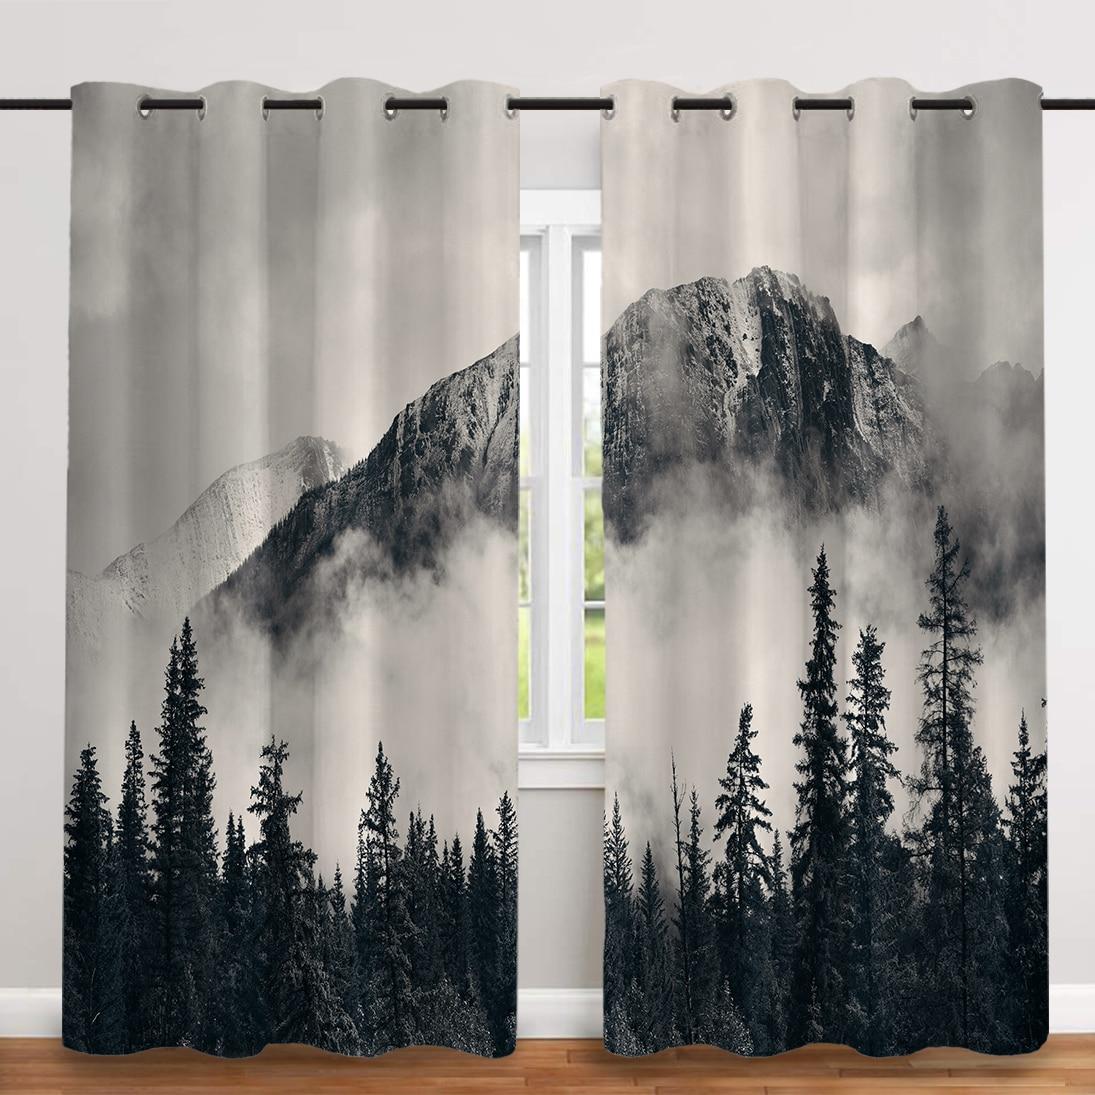 2 قطعة/المجموعة ضبابي الغابات الرقمية الطباعة سميكة القماش الستار الشمال نافذة تعتيم الستائر لغرفة النوم و غرفة المعيشة